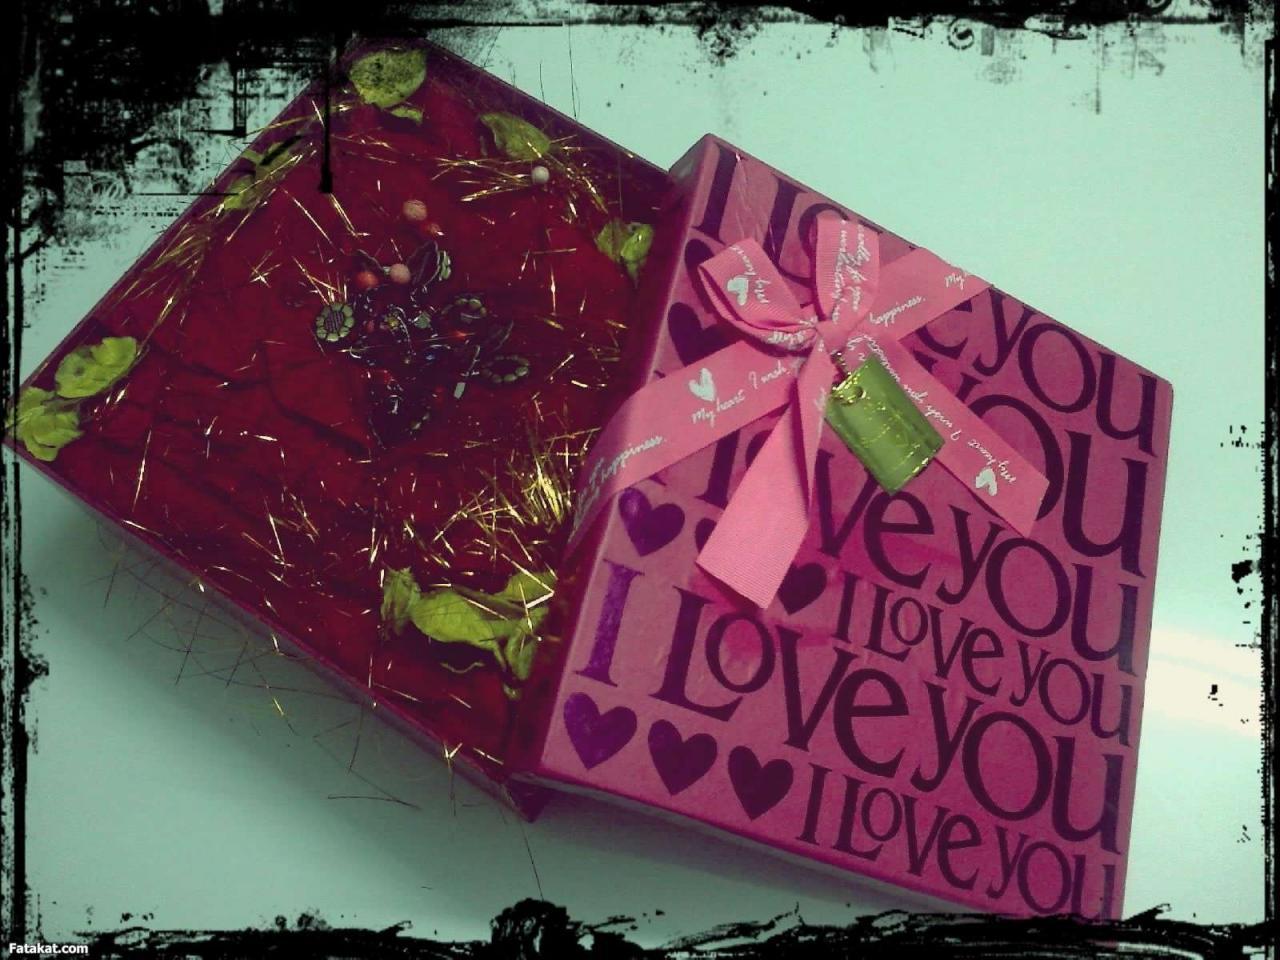 بالصور هدية عيد ميلاد صديقتي , انسب الهدايا للاصدقاء في مختلف المناسبات 13846 4